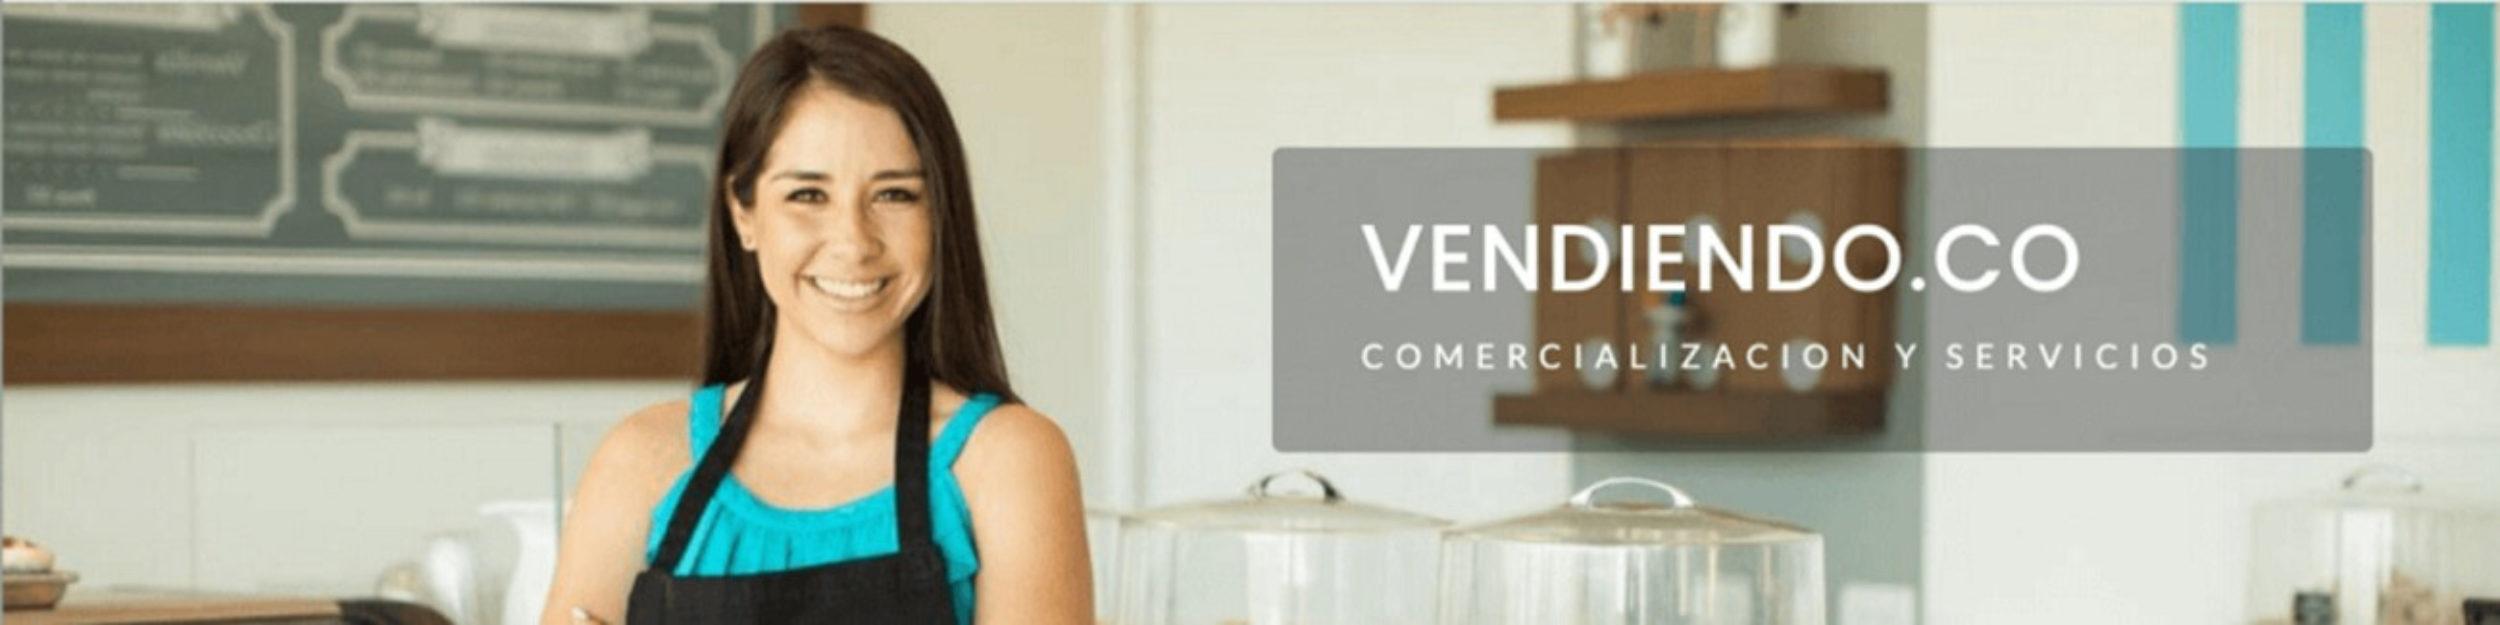 Vendiendo.co | Comercialización y Servicios